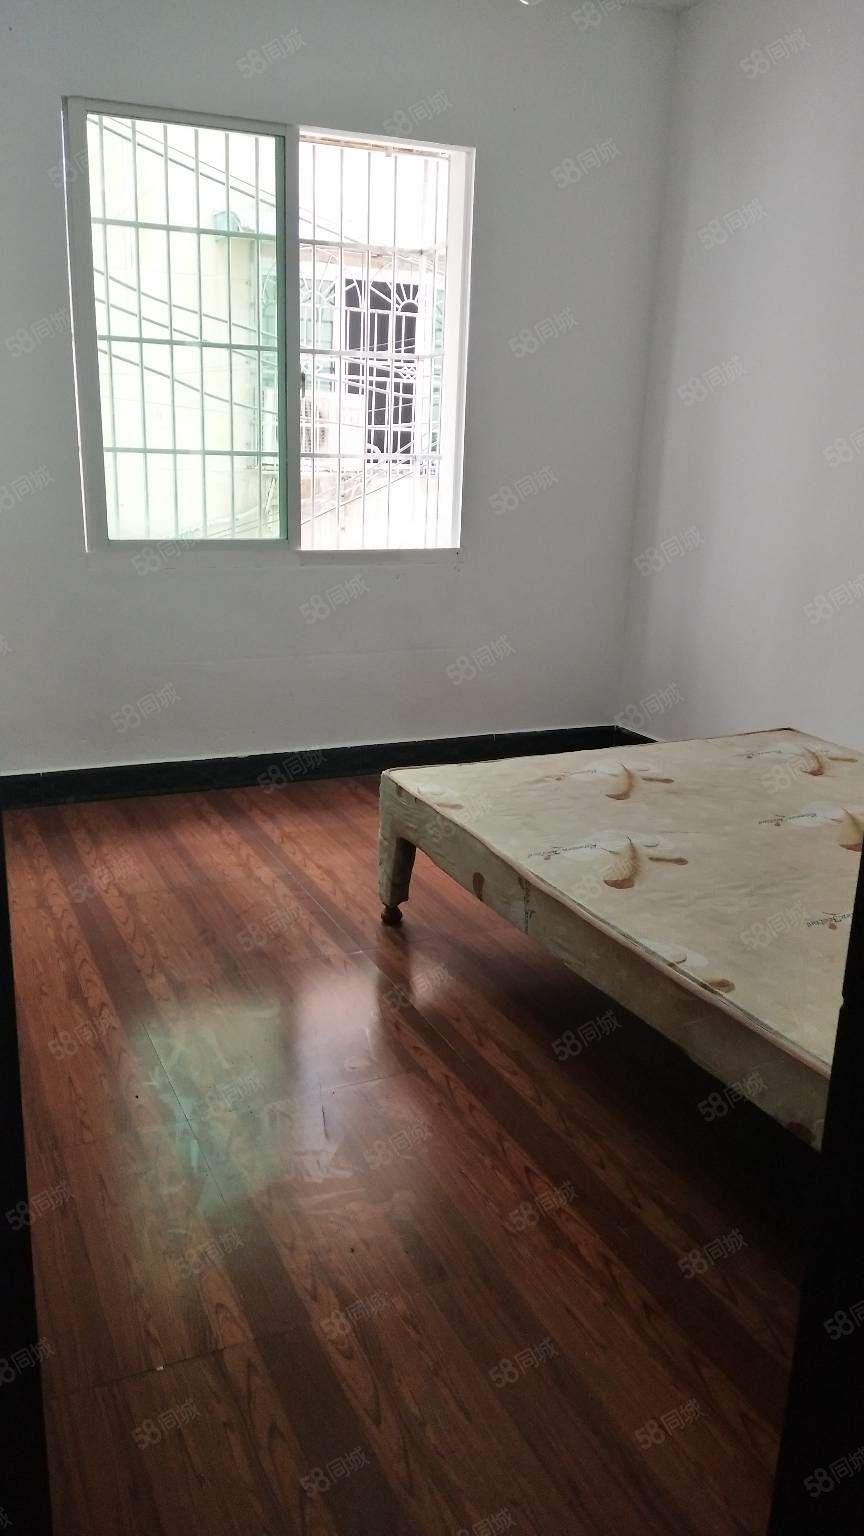 铜仁市民政局旁3房出租,步梯2楼